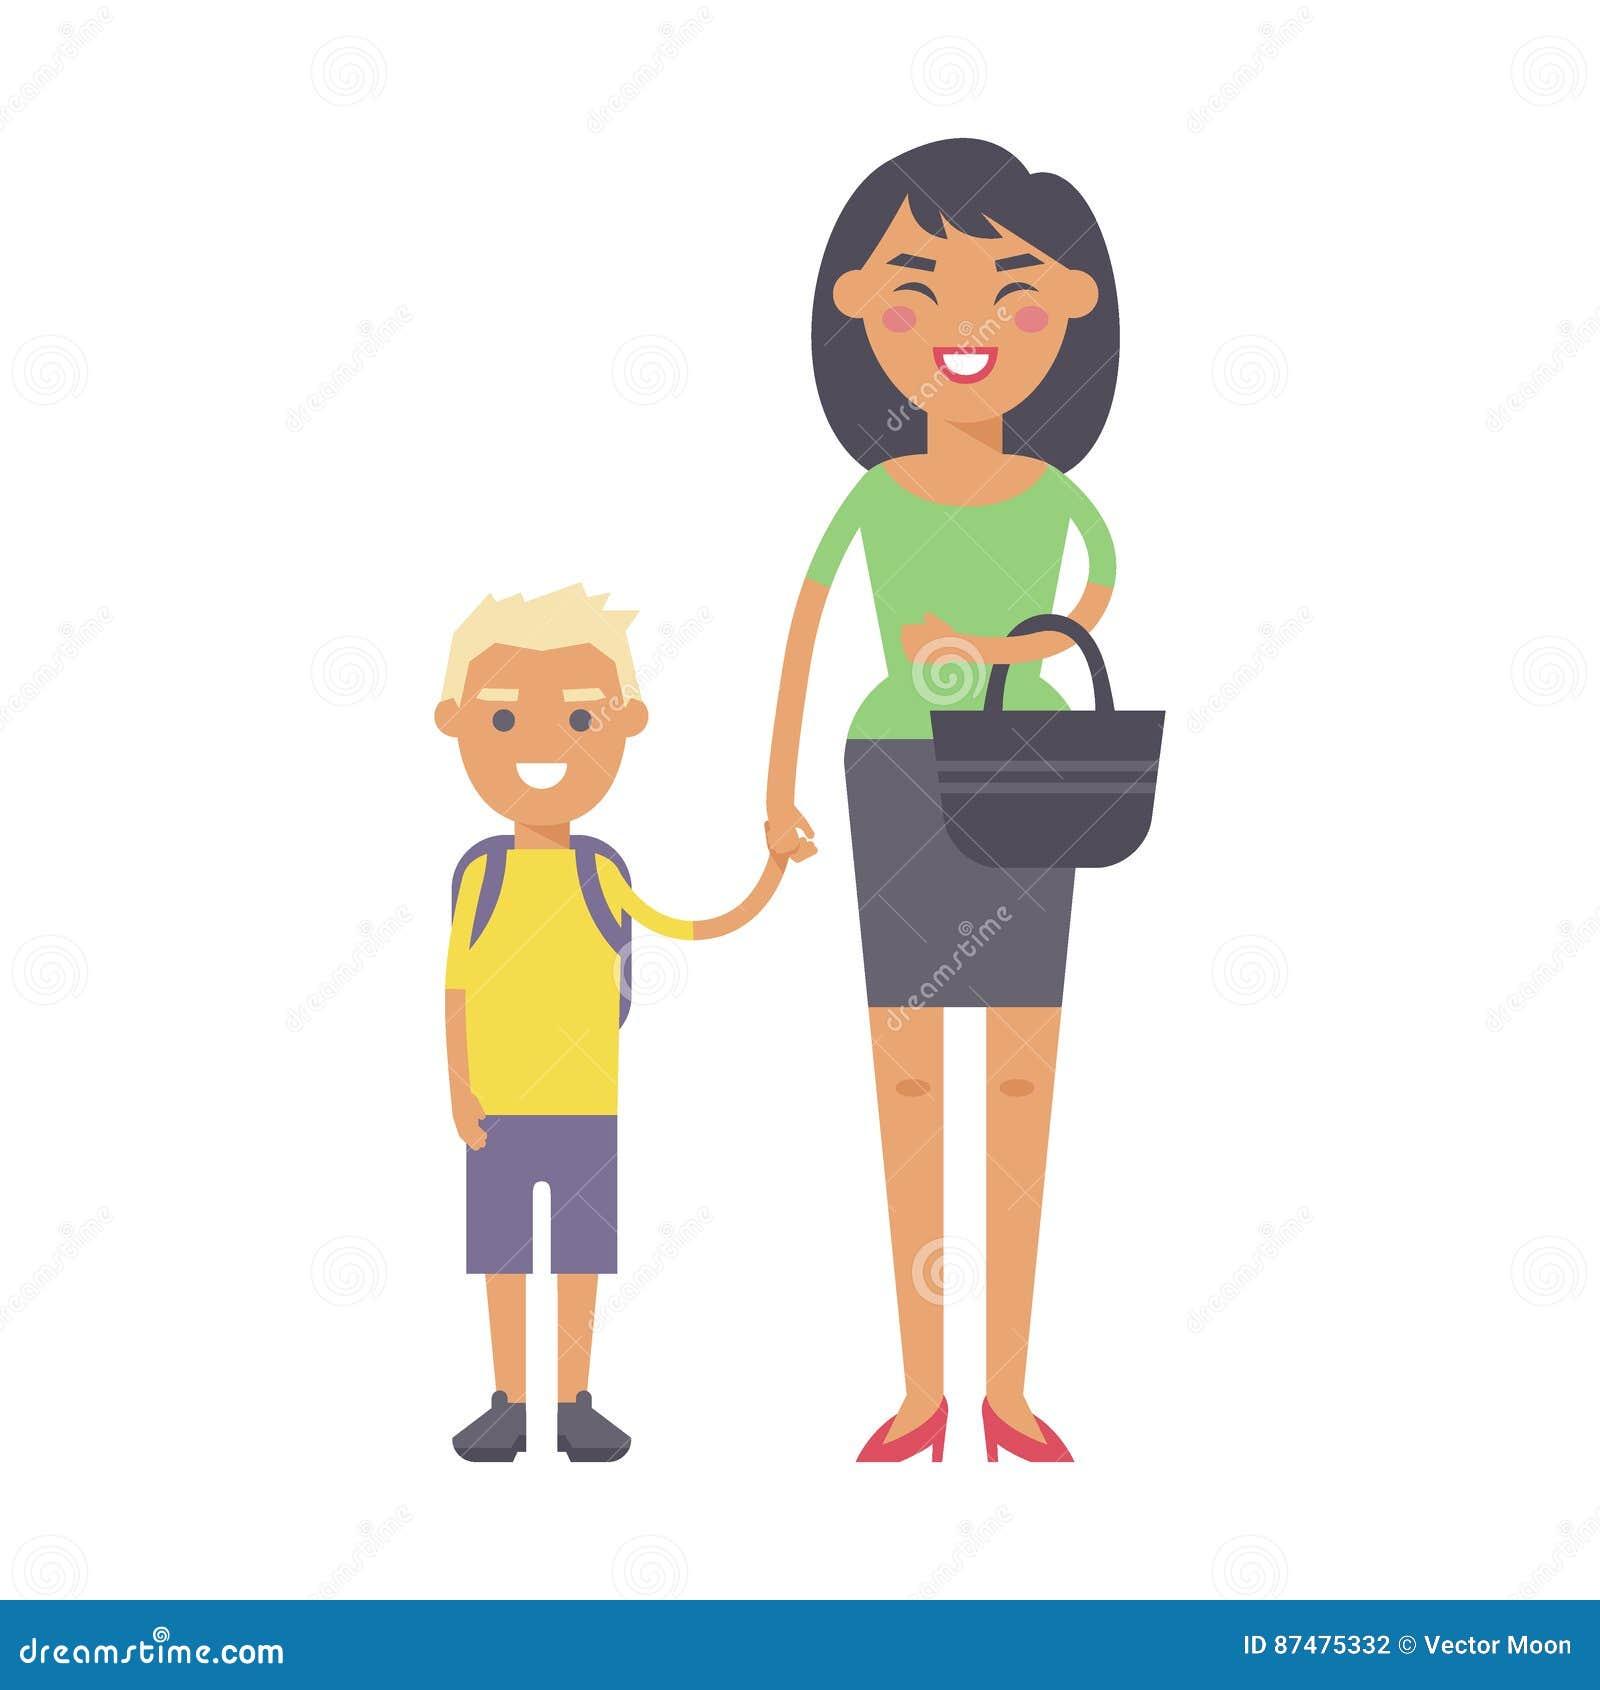 Χαμογελώντας μητέρα ευτυχίας οικογενειακών ανθρώπων ενήλικη με τη parenting έννοια ενότητας γιων και περιστασιακός γονέας, εύθυμο